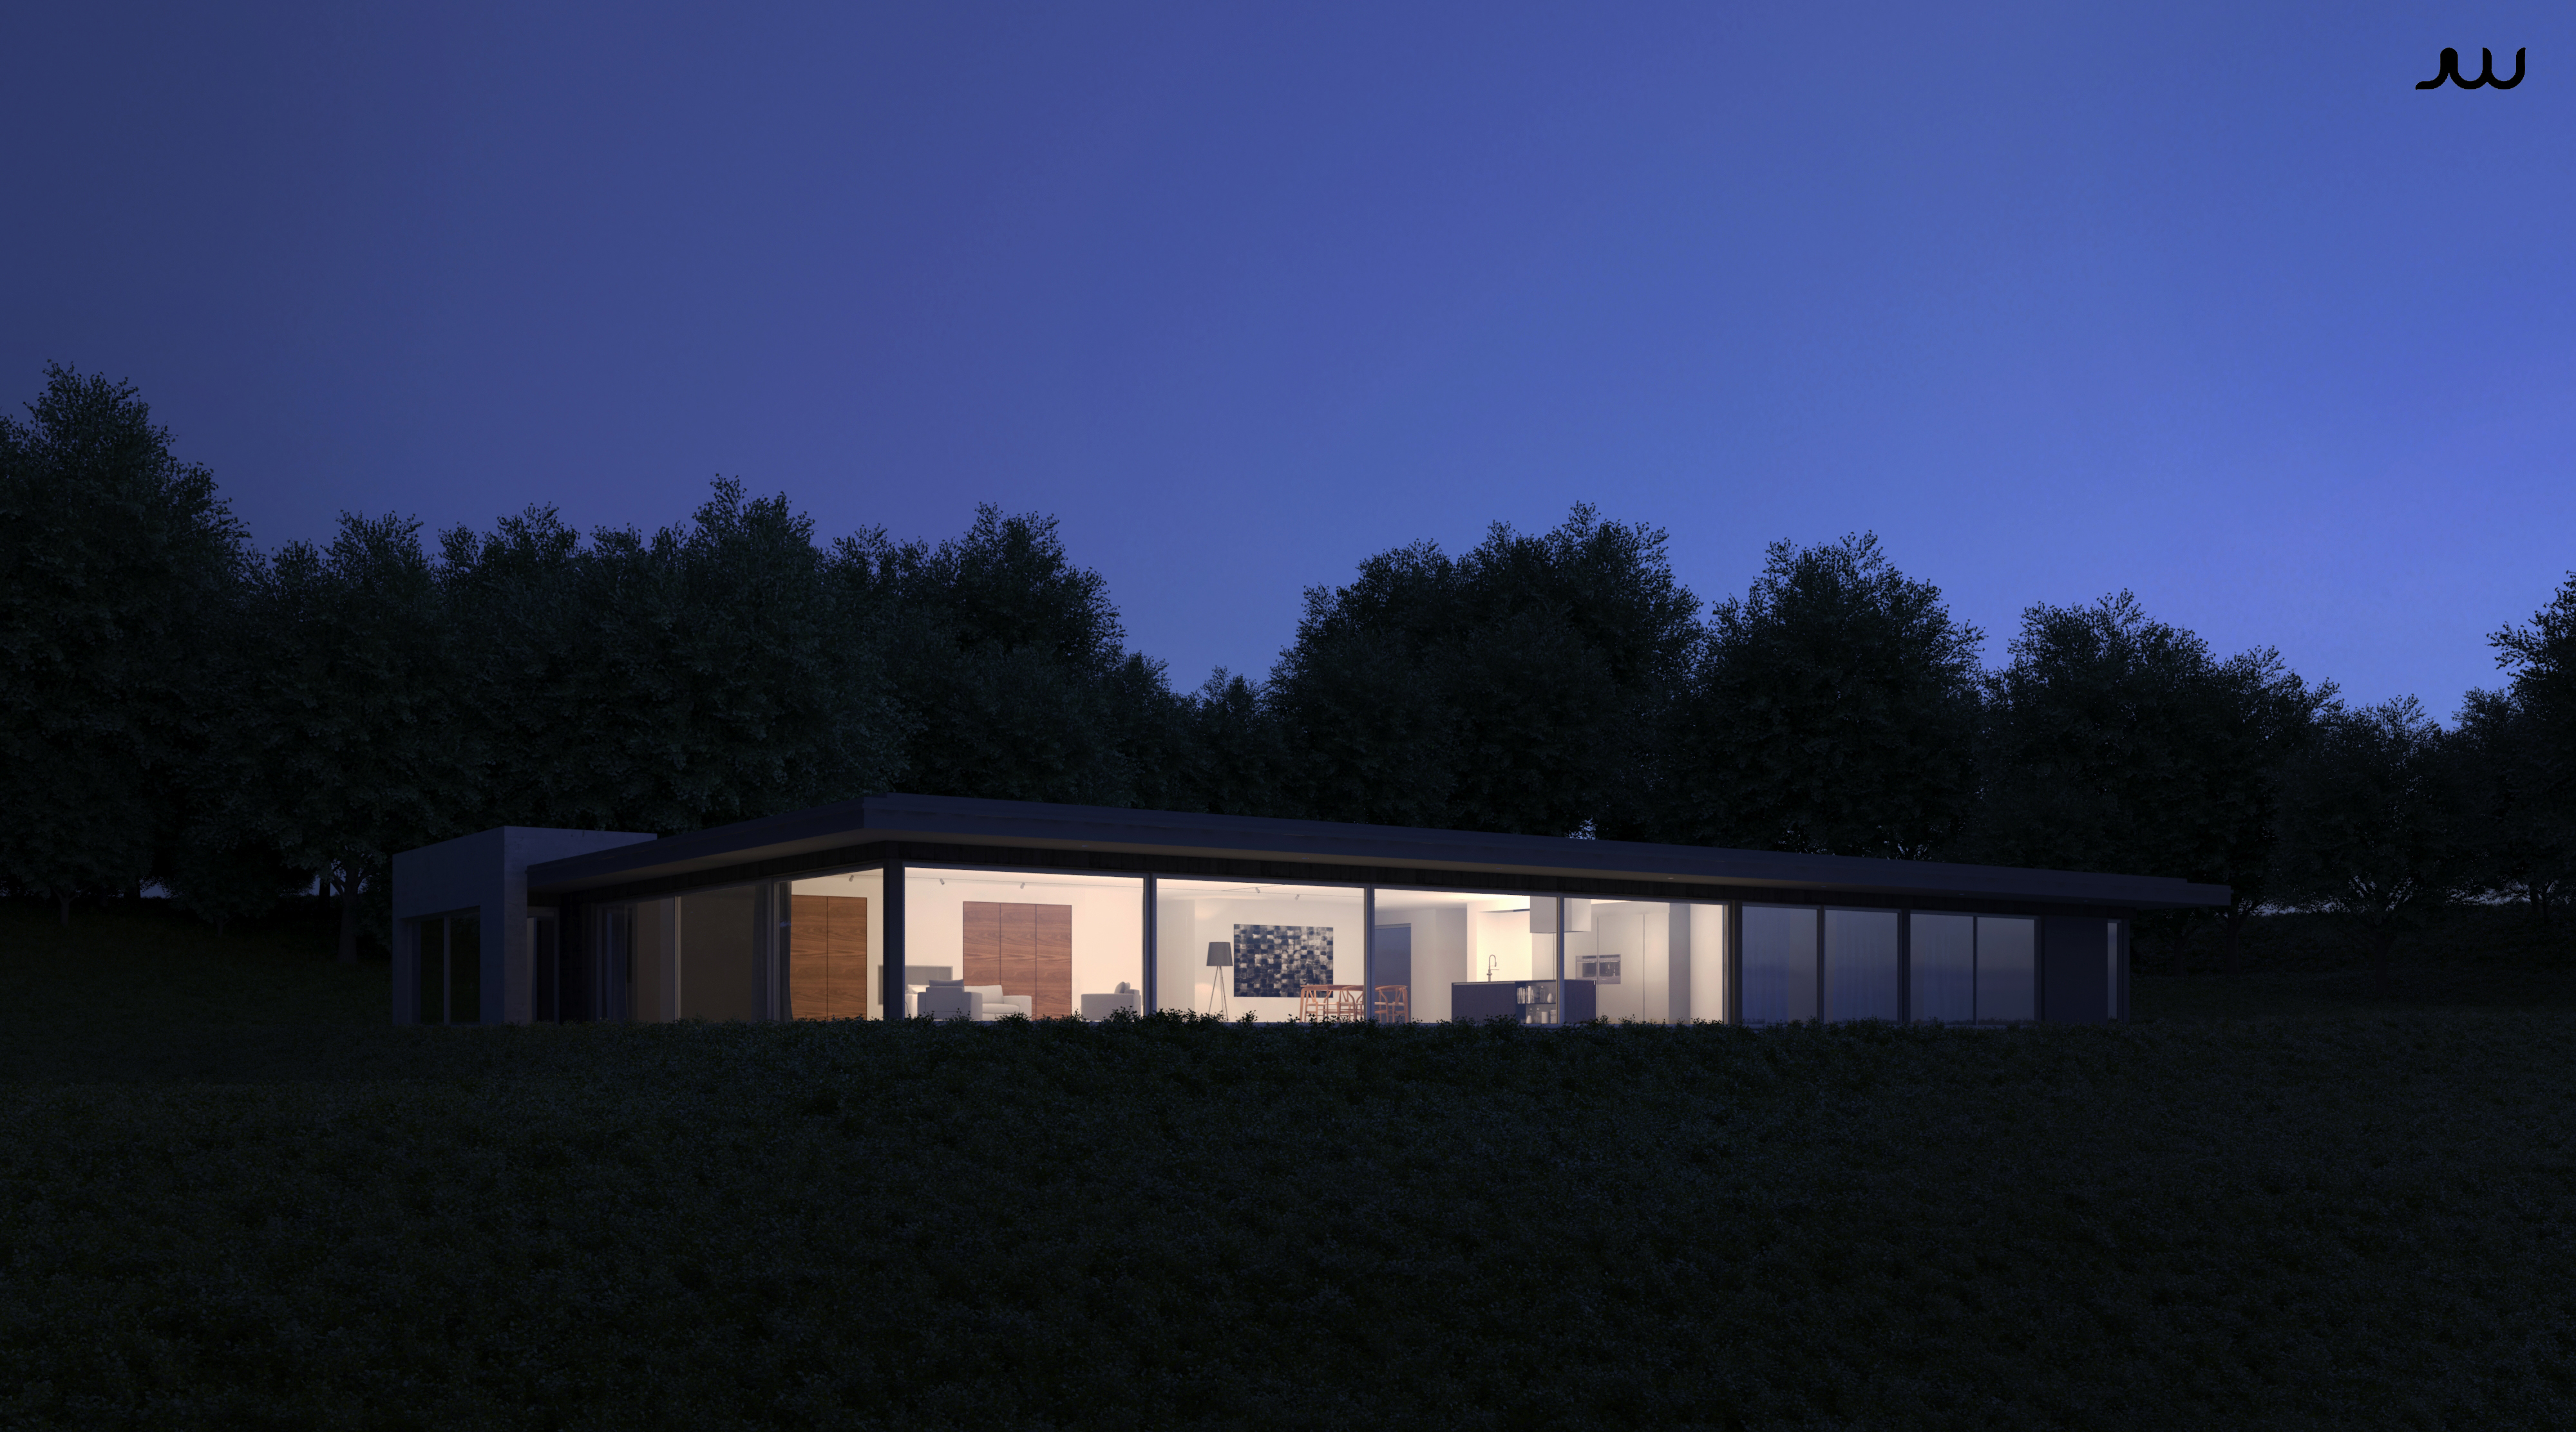 / House at dusk /